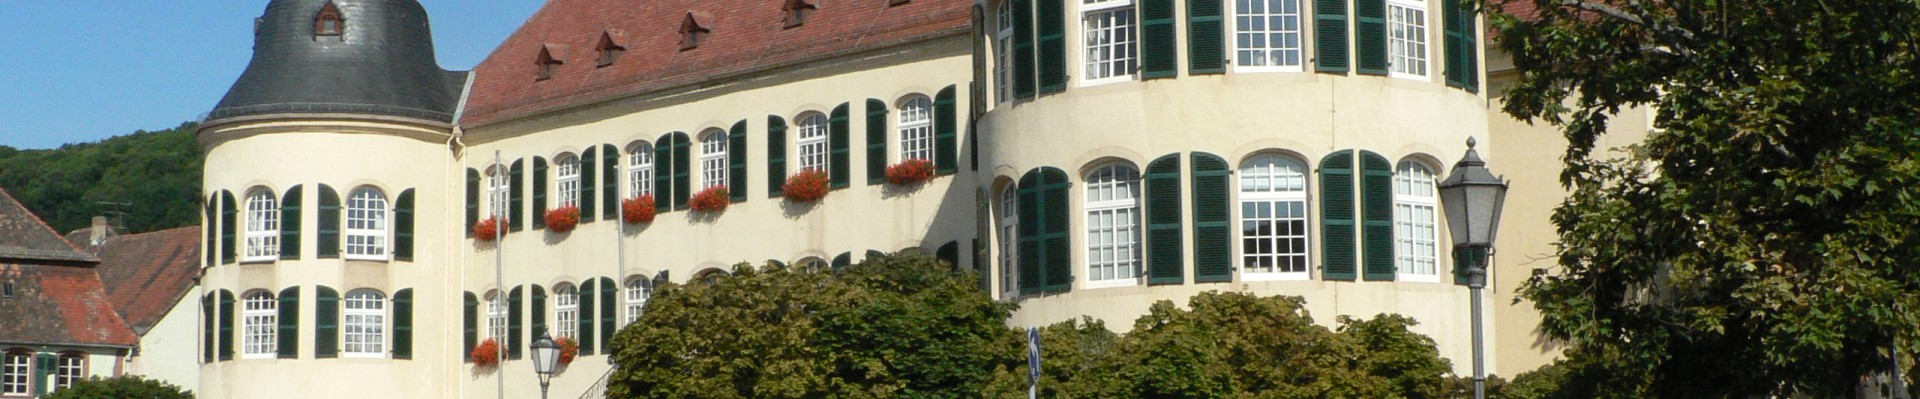 Mieterschutzverein Neustadt und Umgebung e.V.